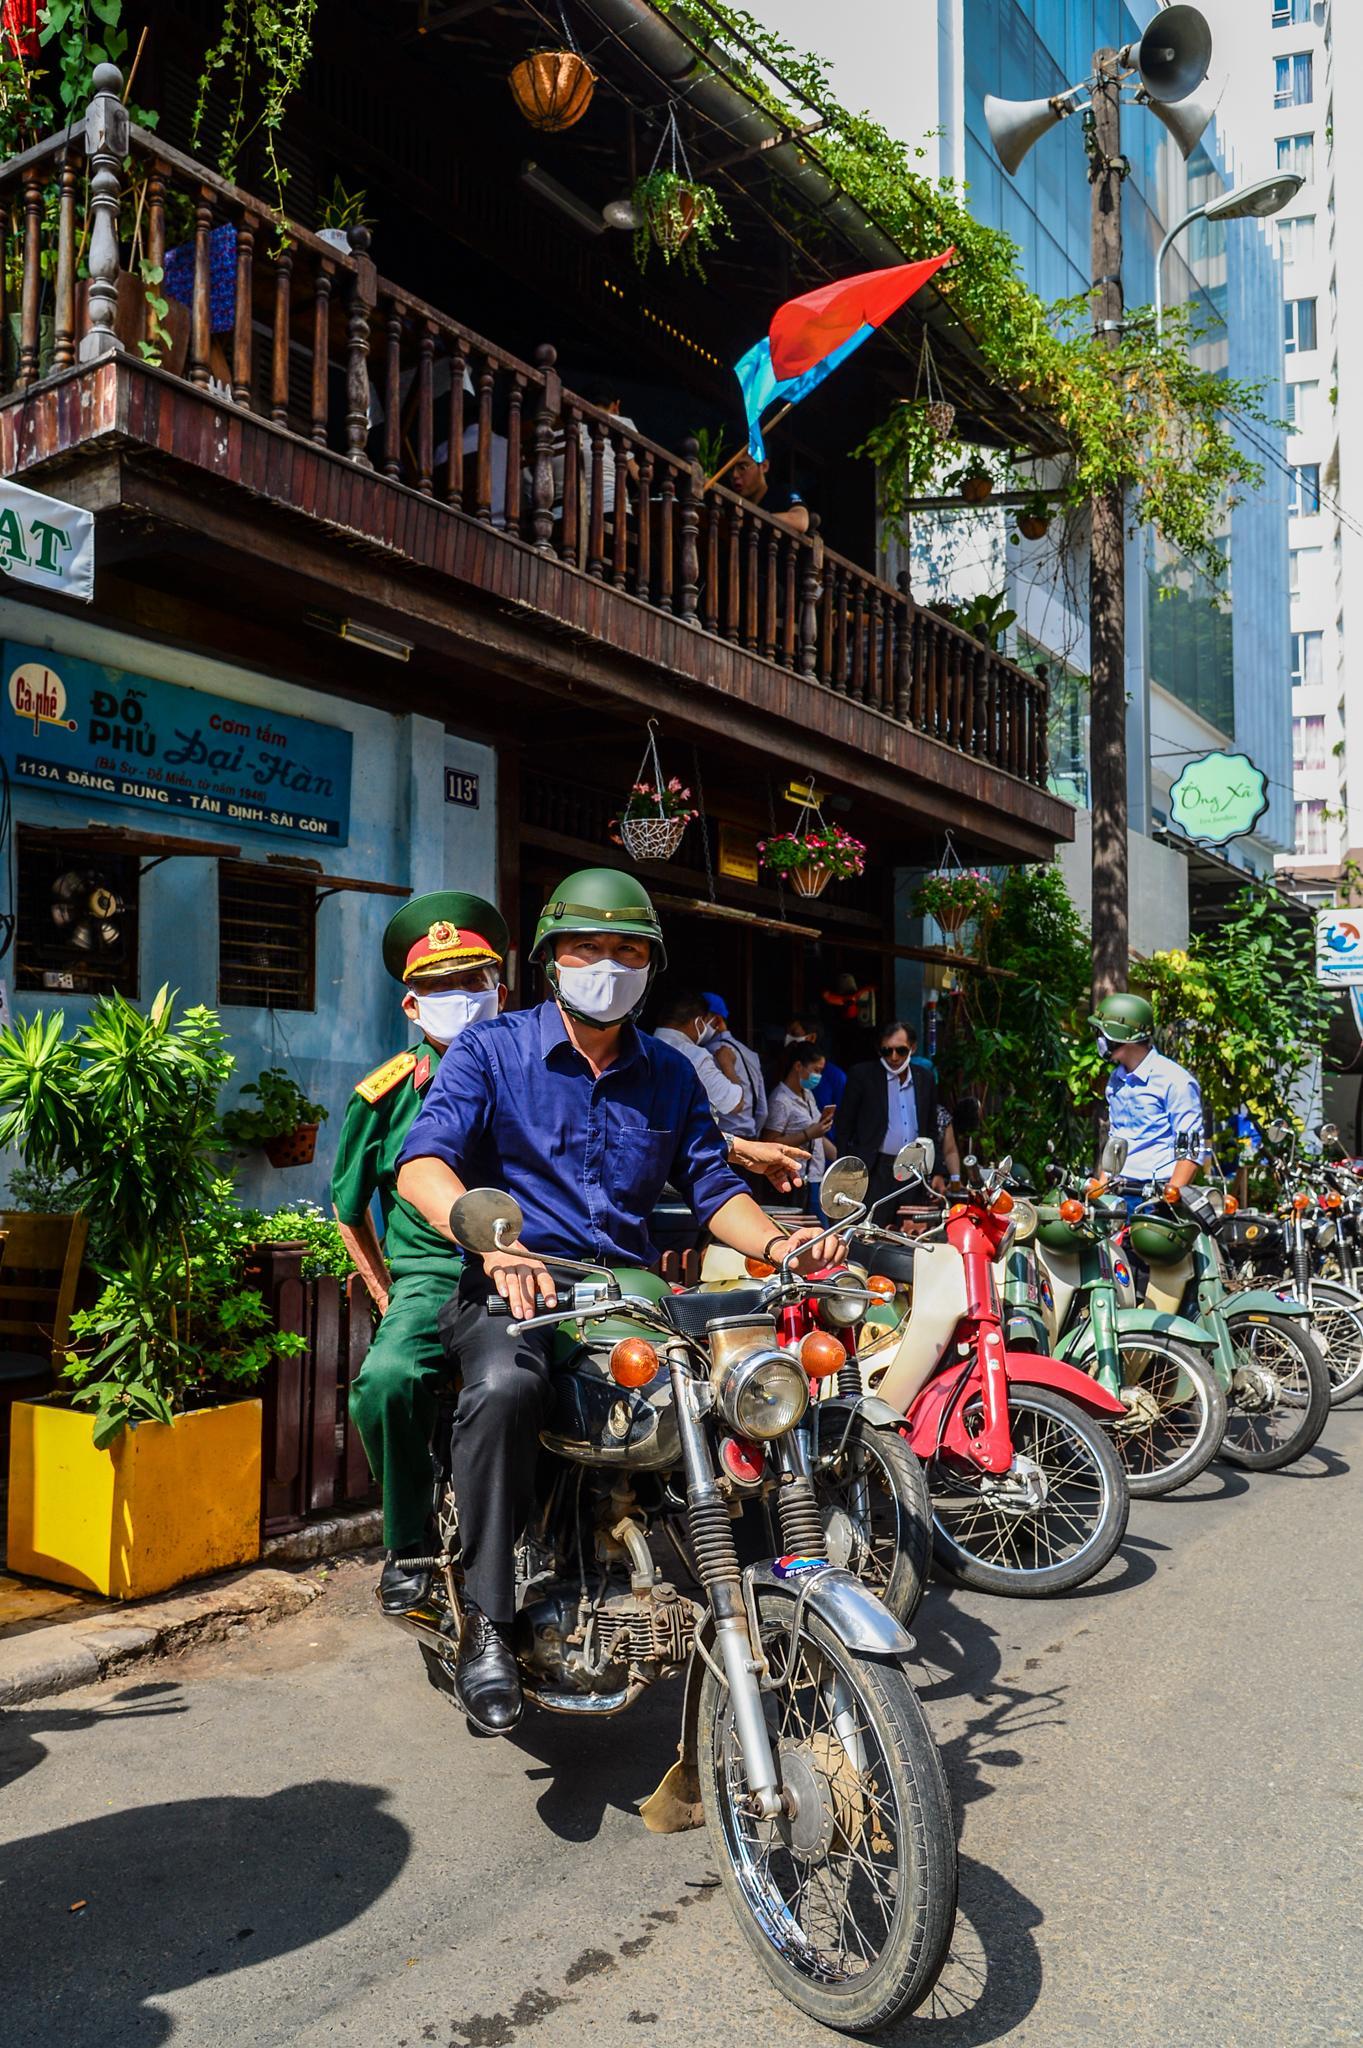 Trải nghiệm hấp dẫn cùng Theo dấu chân Biệt động Sài Gòn-2